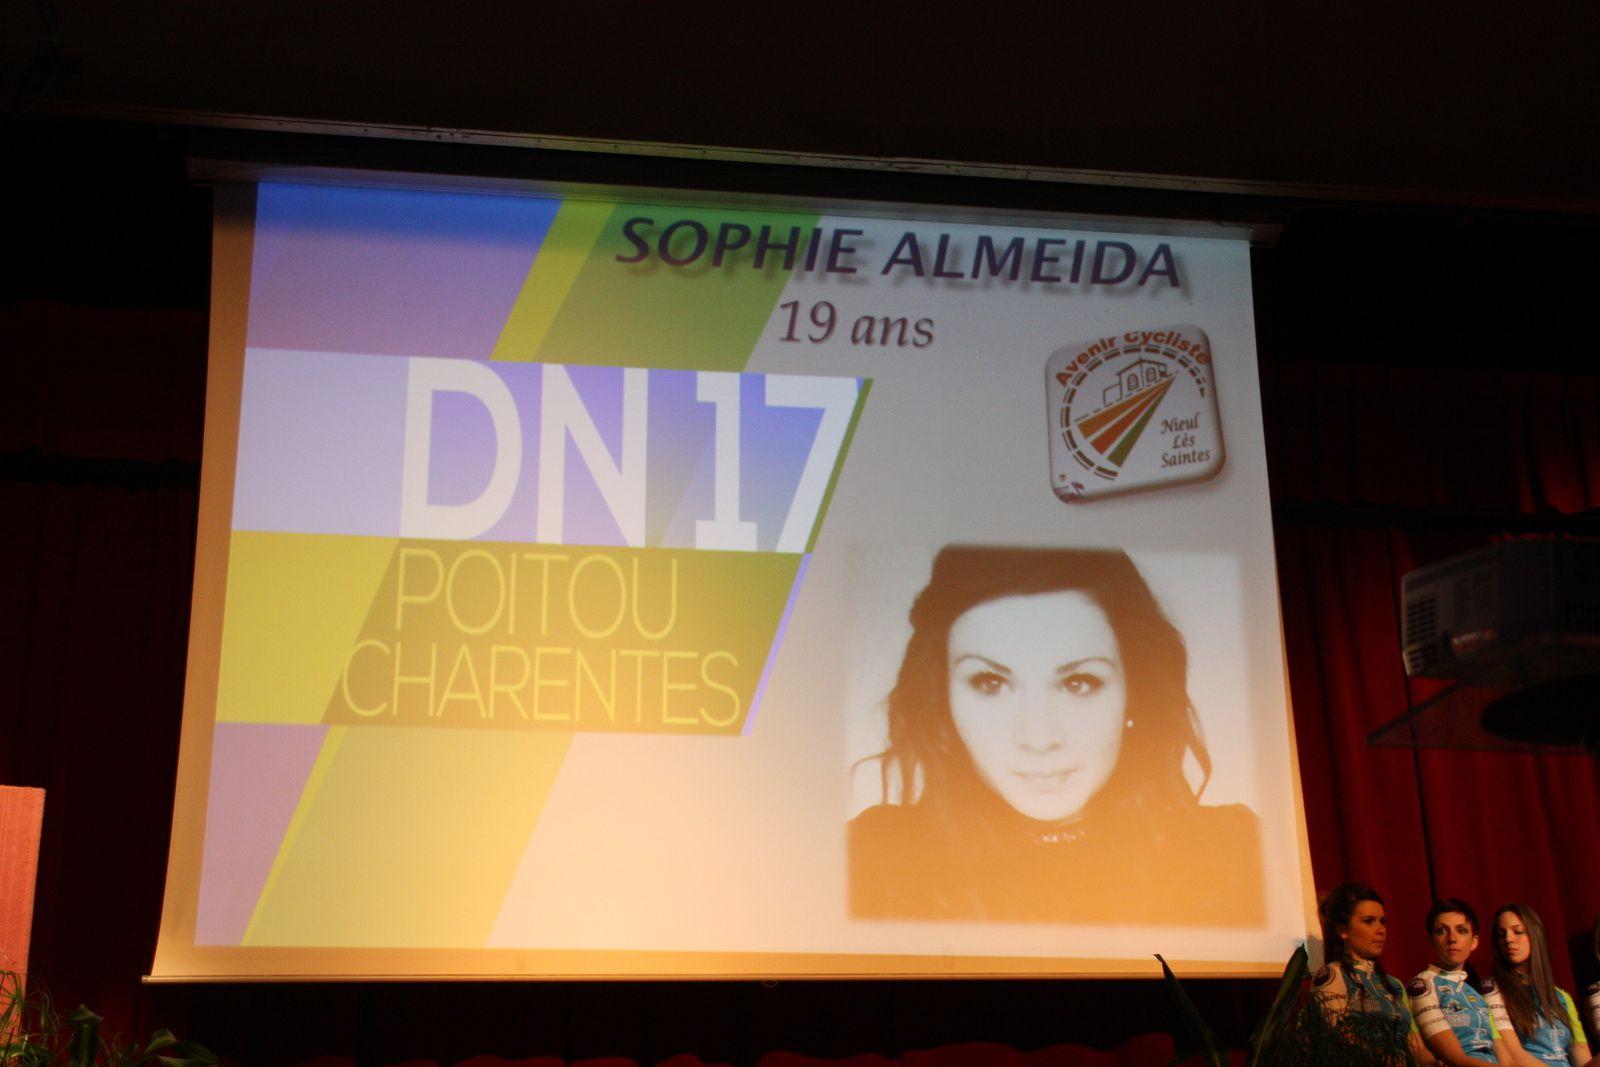 Sophie  ALMEIDA  pour  l'AC  Nieul les Saintes